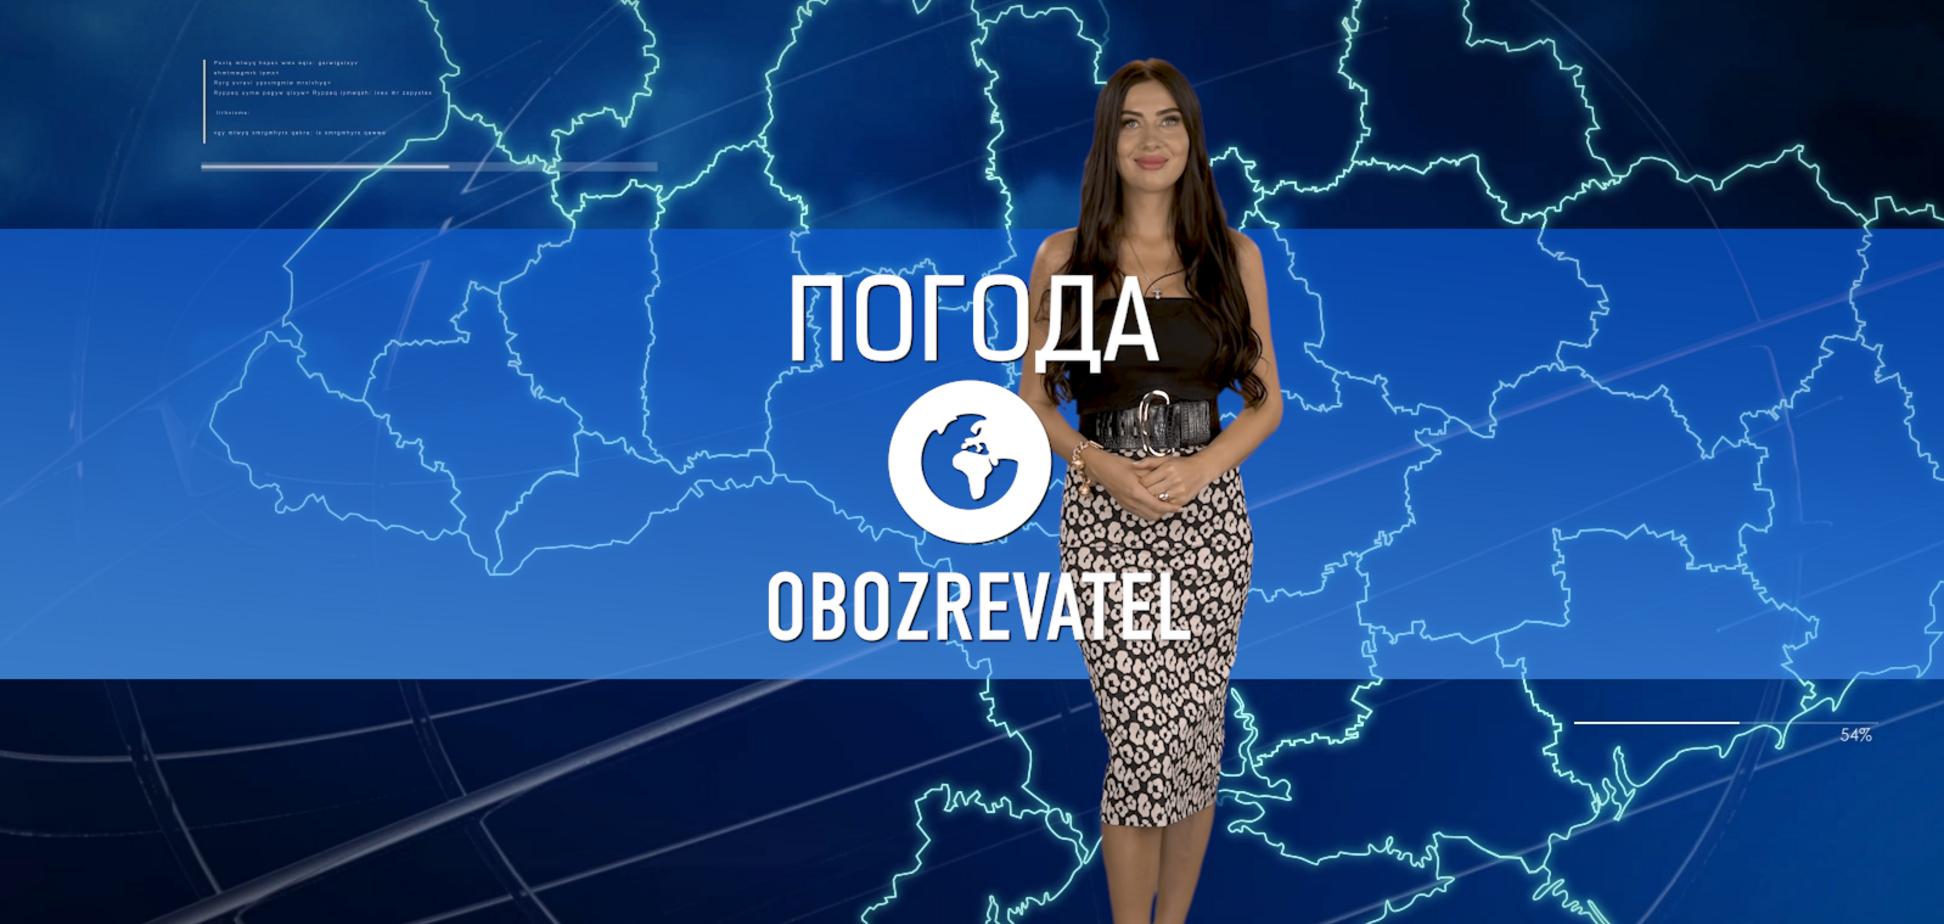 Прогноз погоды в Украине на четверг, 16 сентября, с Алисой Мярковской